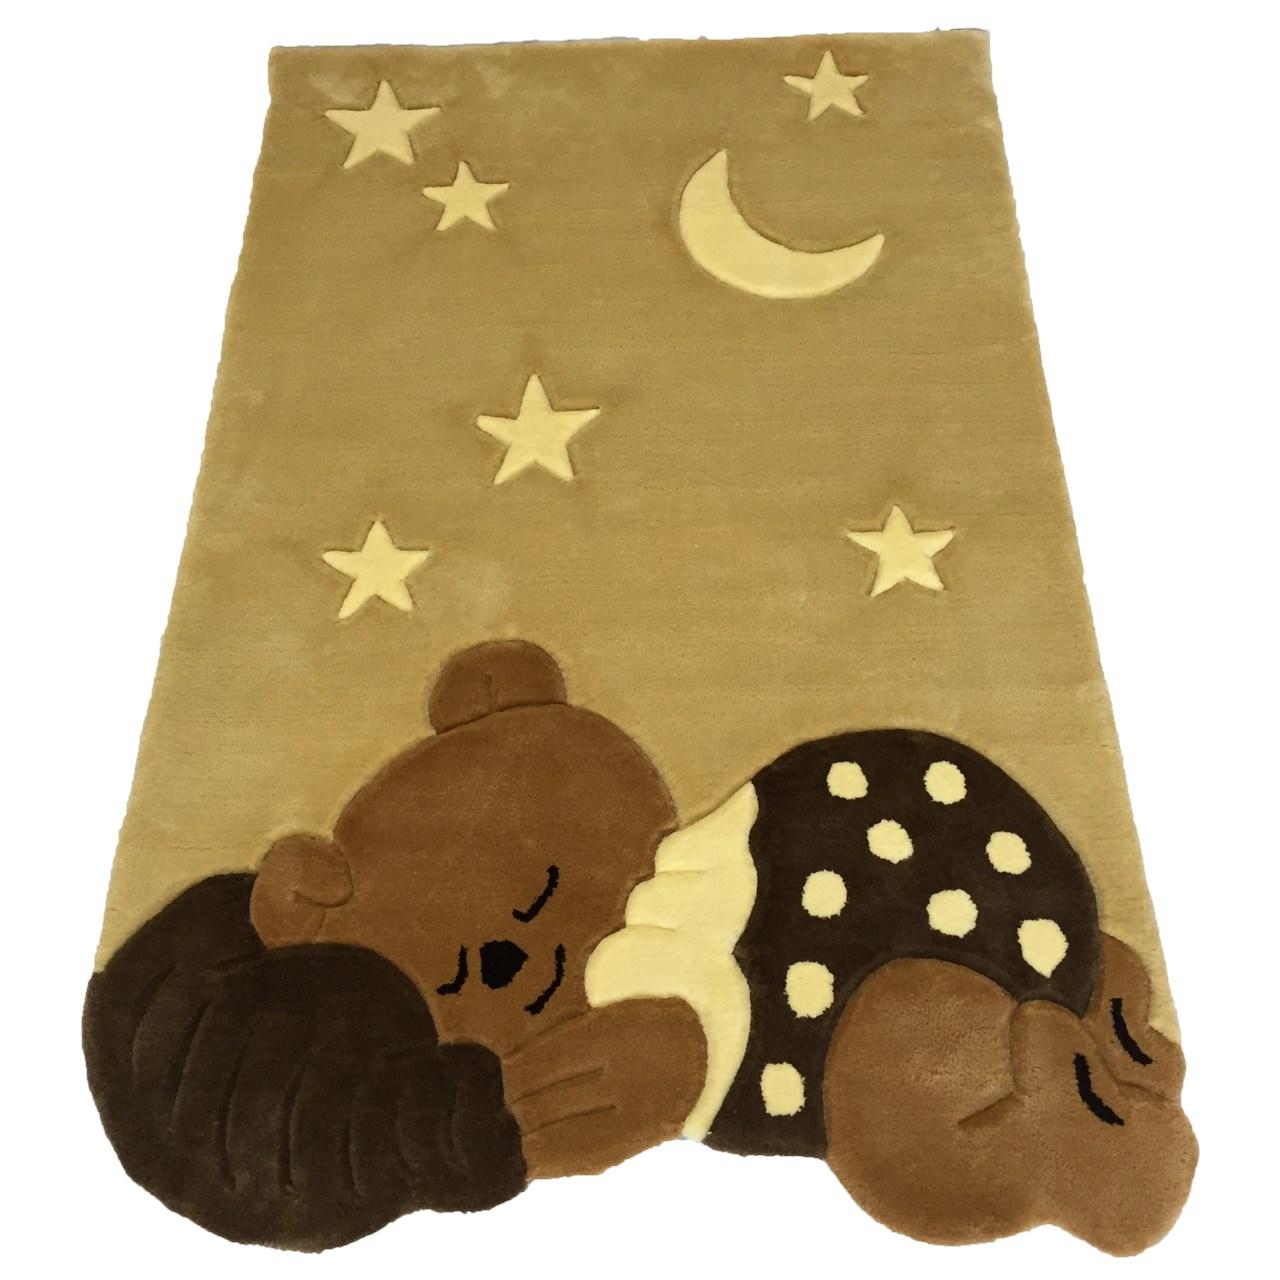 فرش نیمه دستی و برجسته پارس نگین مهام مدل خرس خوابالو کرم شکلاتی